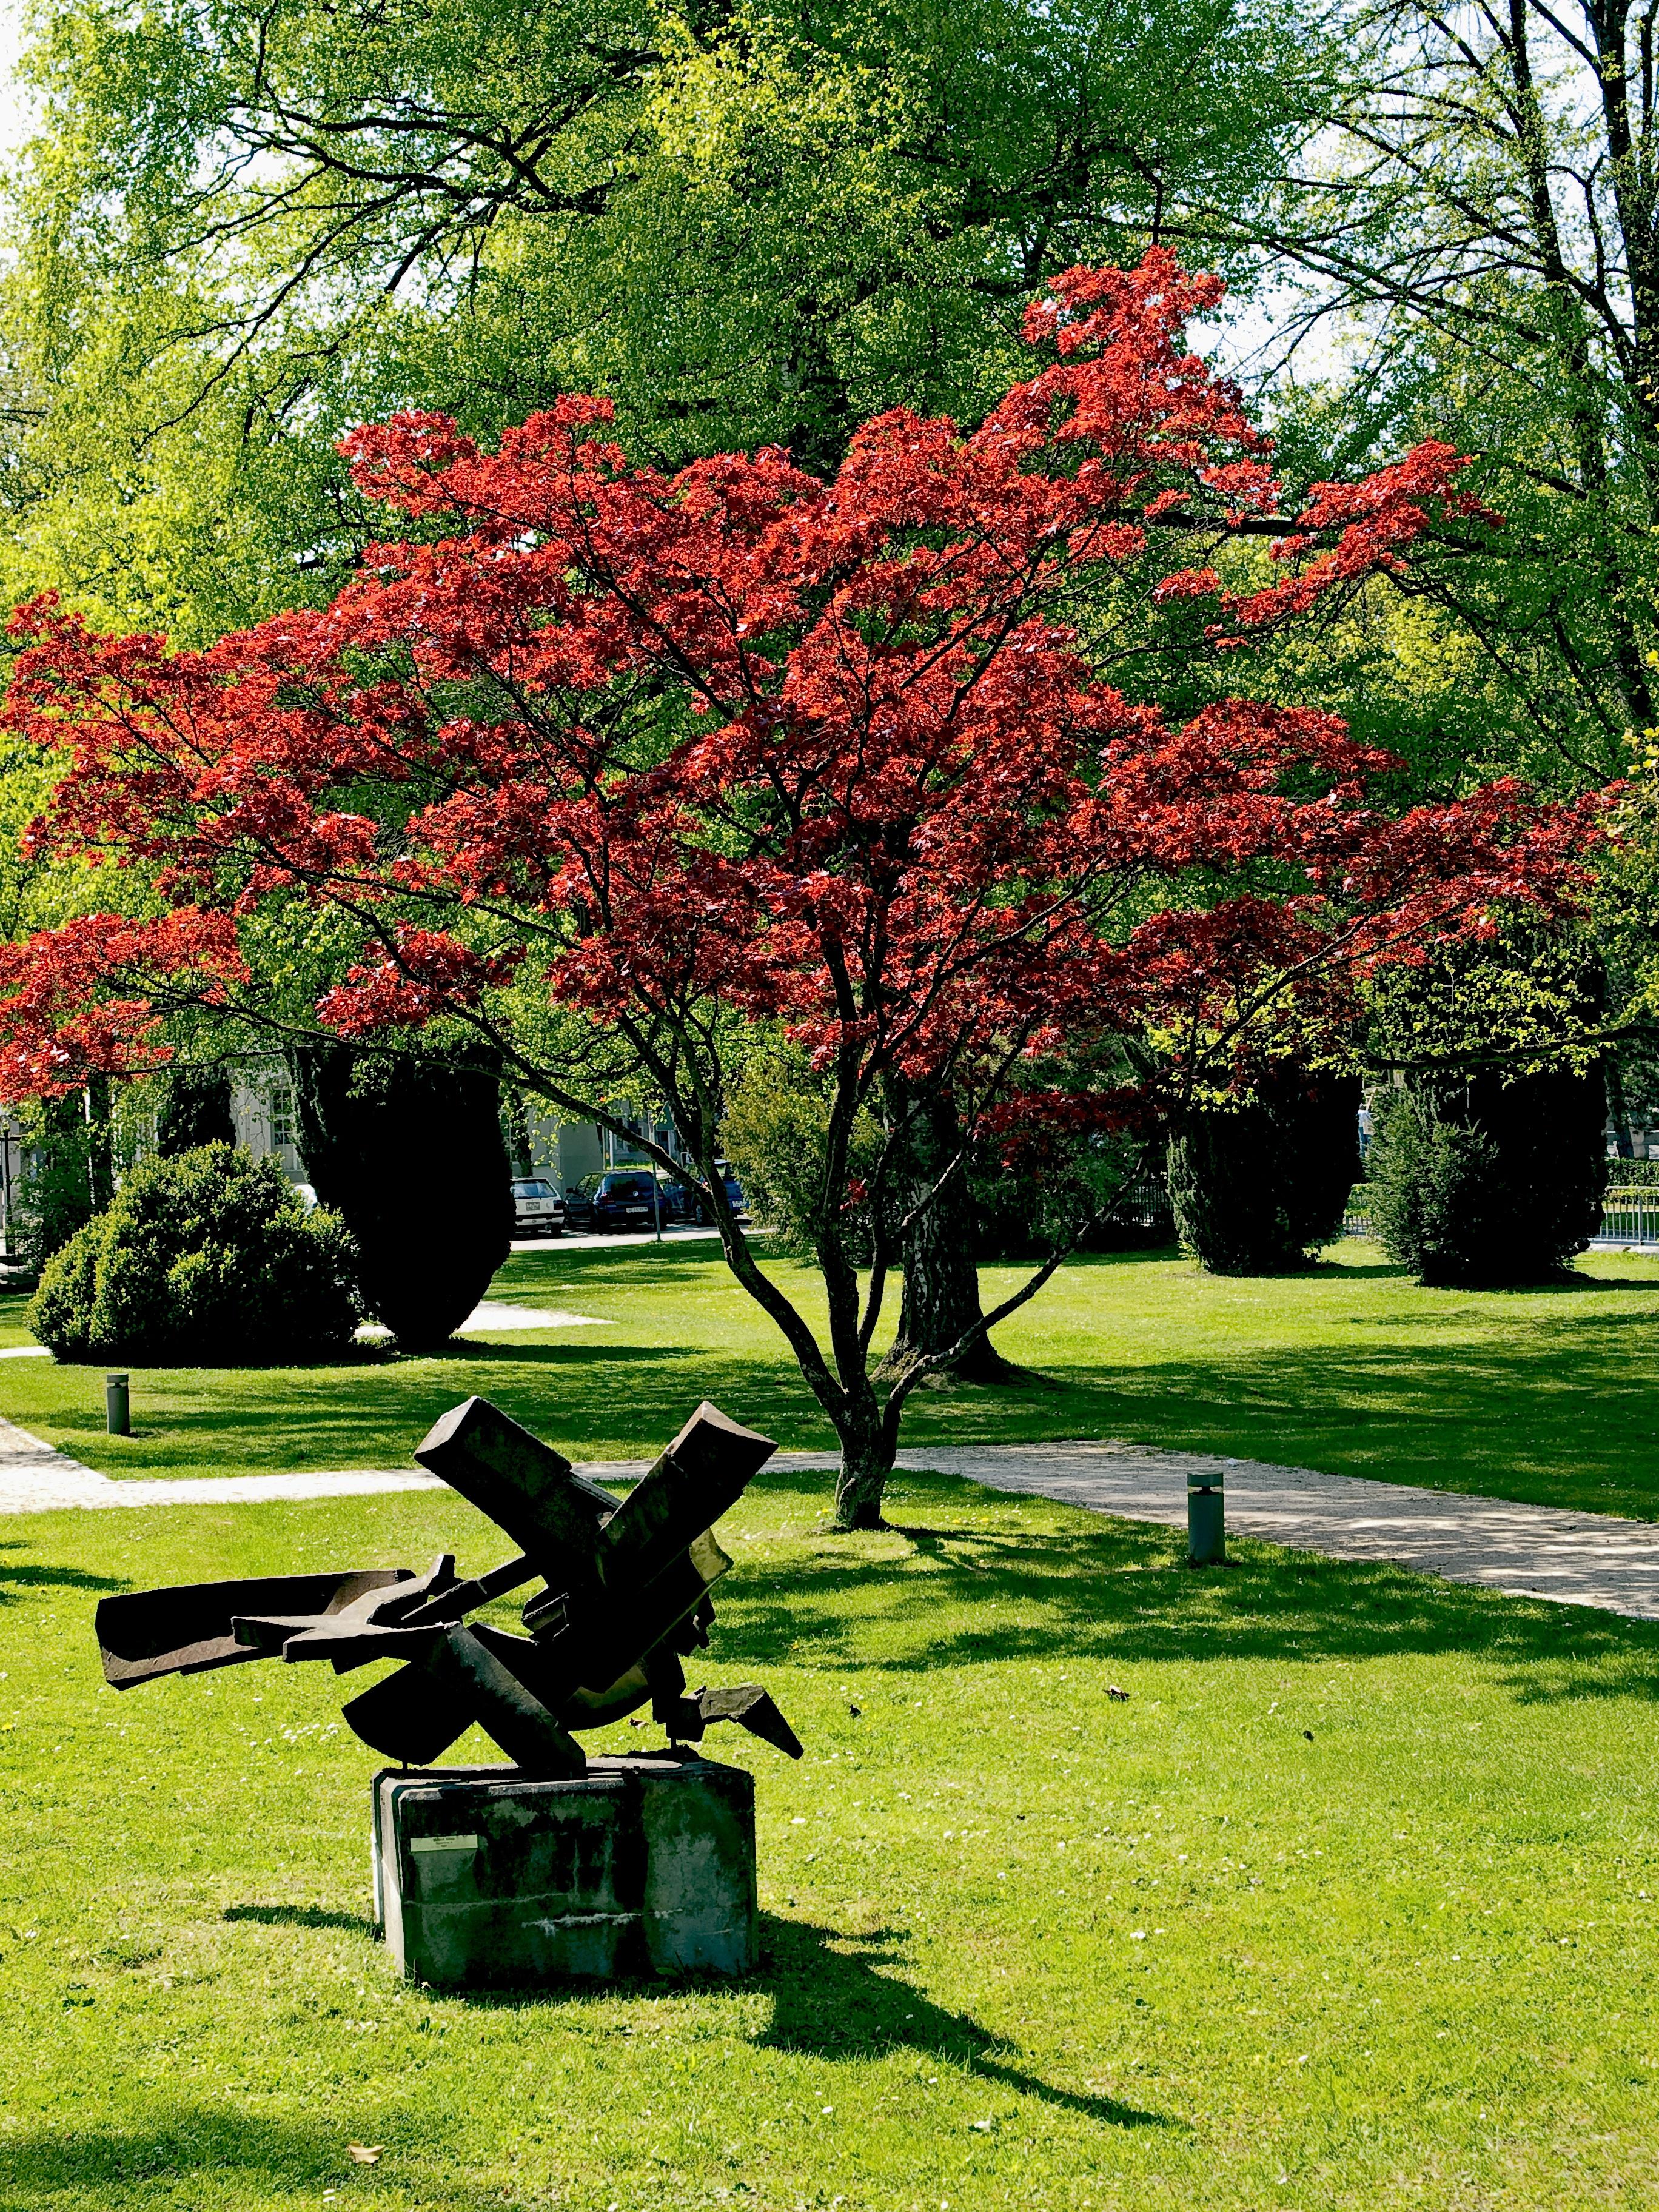 Fotos Gratis Flor C 233 Sped Hoja Verde Oto 241 O Parque